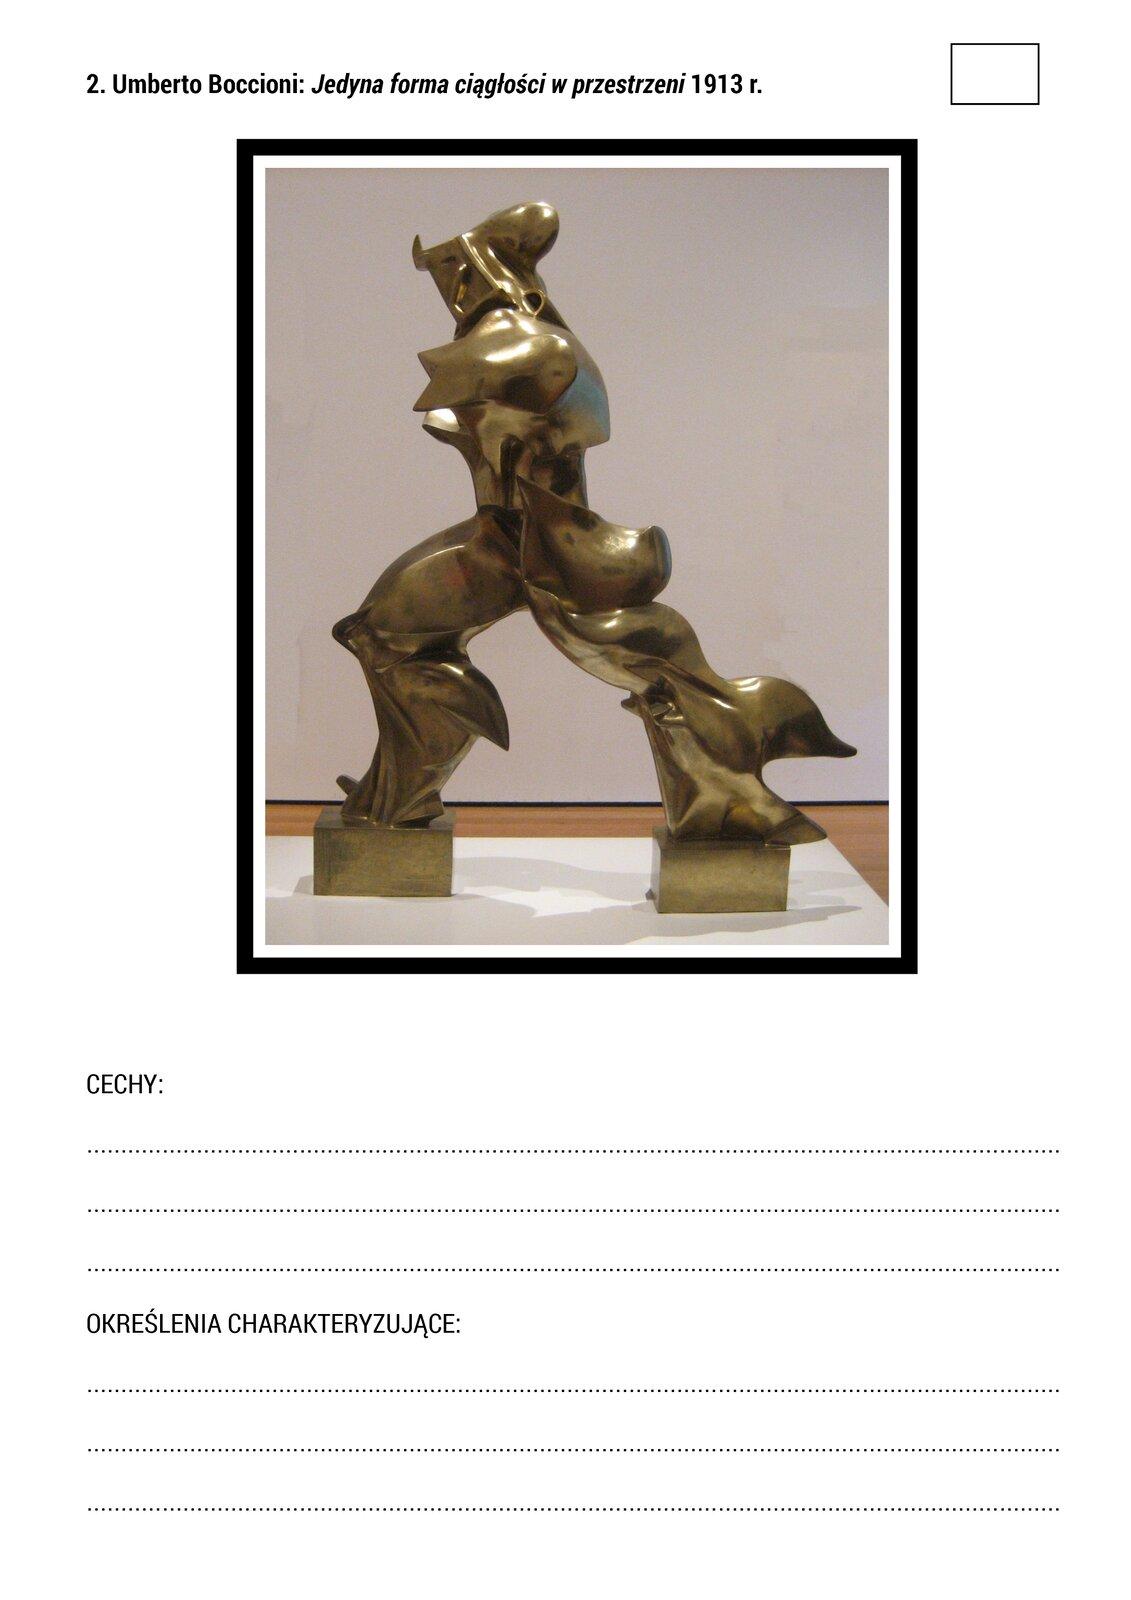 """Na górze materiału znajduje się napis: """"2. Umberto Boccioni: »Jedyna forma ciągłości wprzestrzeni« 1913 r."""", apod nim zdjęcie awangardowej futurystycznej rzeźby Umberta Boccioniego. Zdjęcie przedstawia rzeźbę zbrązu ozłotym odcieniu. Rzeźba przywodzi na myśl ludzką sylwetkę, ale nie jest to przedstawienie realistyczne. Można dostrzec niewielką podłużną głowę, tors zkrótkimi rękoma imasywne nogi, ale proporcje ikształty postaci są zniekształcone wstosunku do realistycznych przedstawień. Postać jest ustawiona pionowo, ajej nogi są rozstawione tak, jakby kroczyła, przez co sprawia wrażenie ruchu idynamiki. Rzeźba umieszczona jest wpustej przestrzeni muzealnej. Wdolnej części materiału znajduje się miejsce na uzupełnienie pól: """"CECHY"""" i""""OKREŚLENIA CHARAKTERYZUJĄCE""""."""